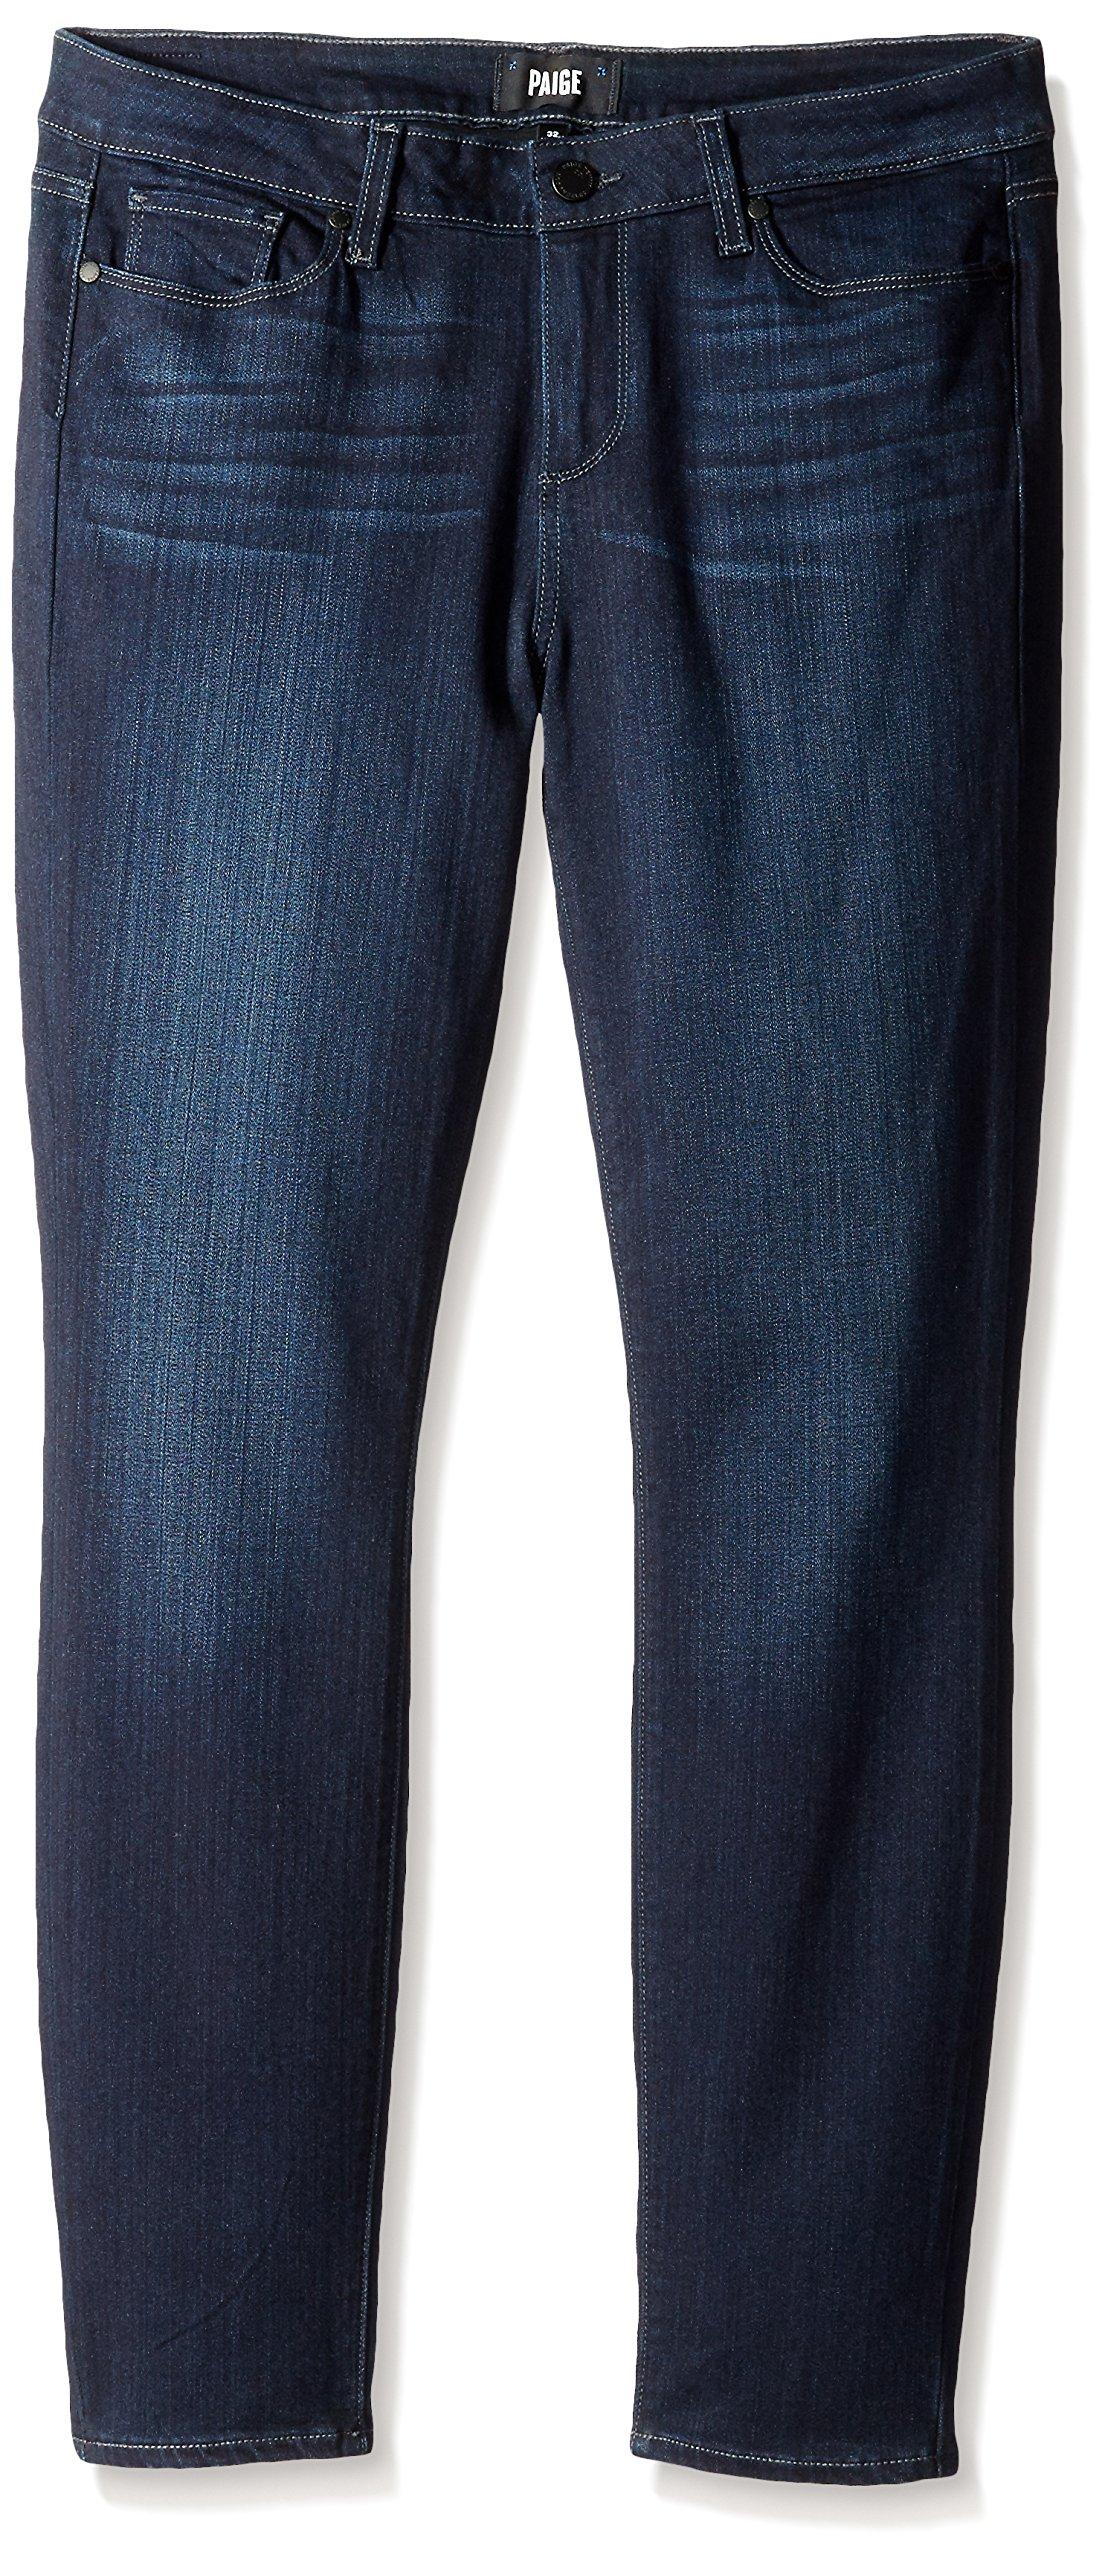 PAIGE Women's Verdugo Ankle Jeans, Barnette, 25